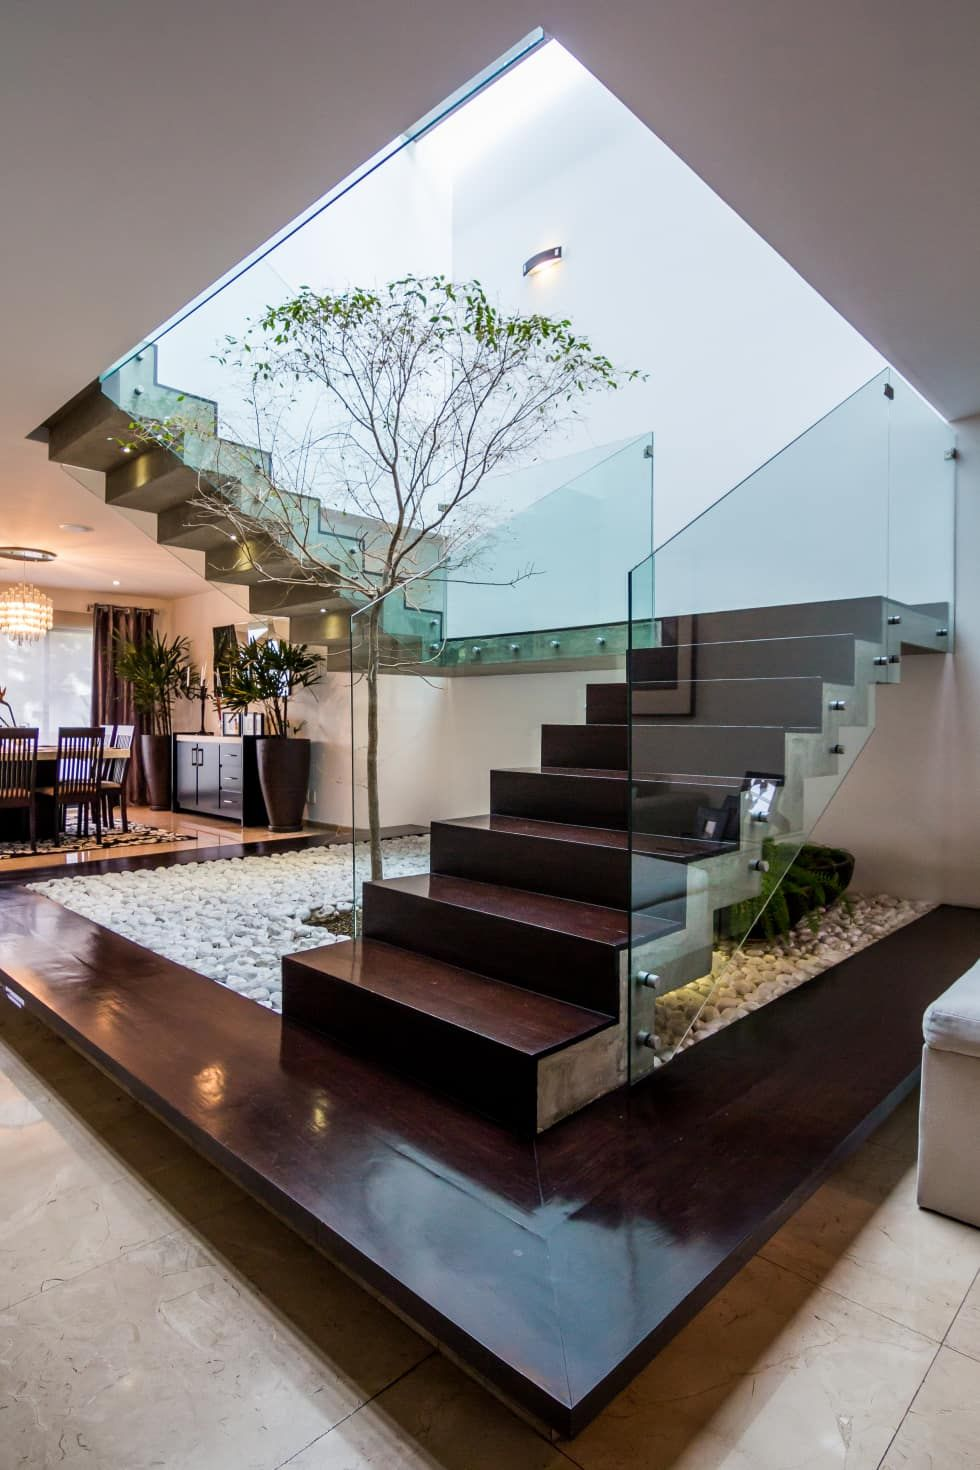 Ideas imgenes y decoracin de hogares Pasillos Escalera y Estilo